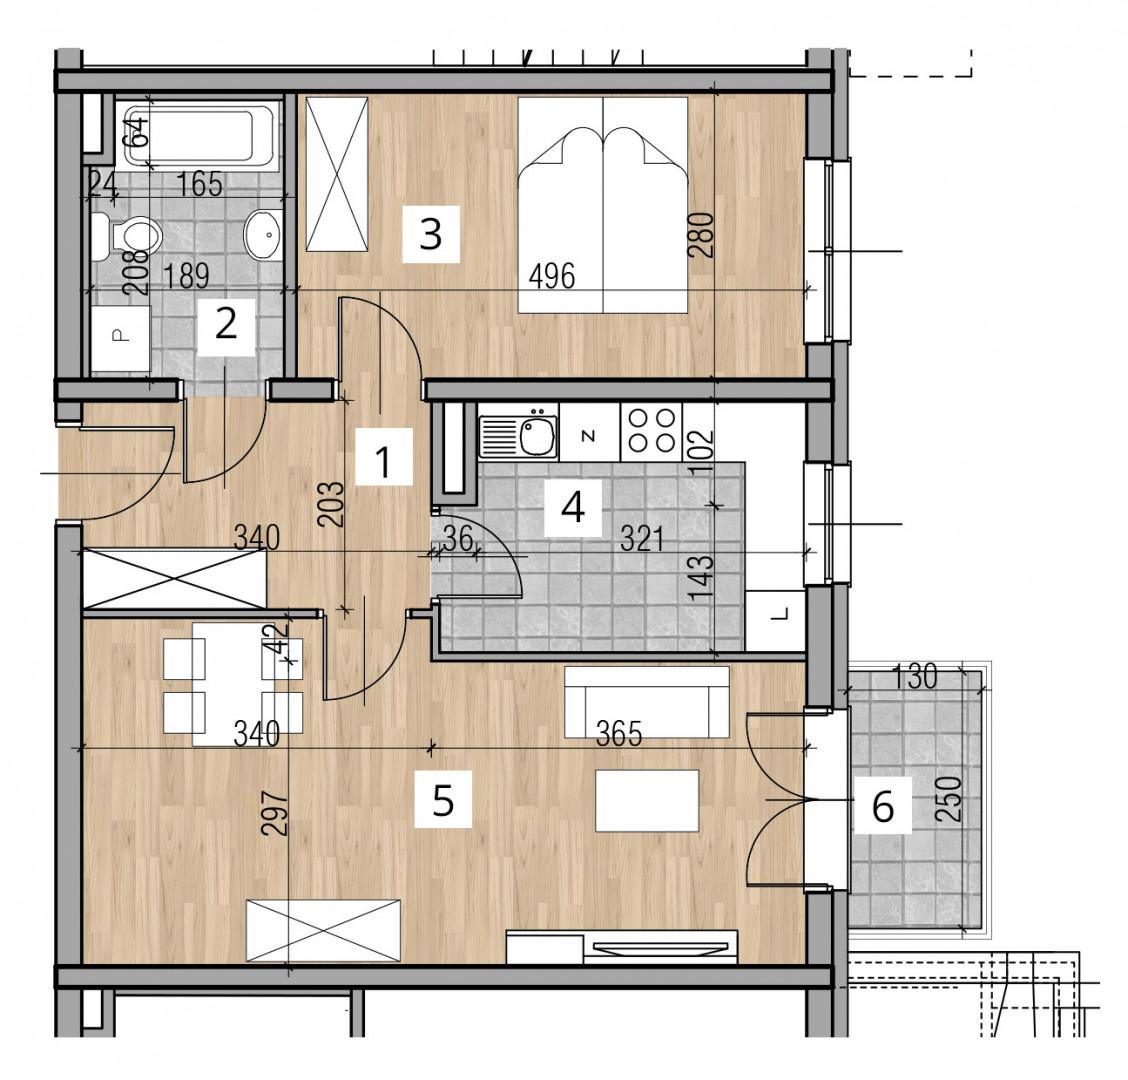 Uroczysko I / budynek 2 / klatka C / mieszkanie 1 rzut 1